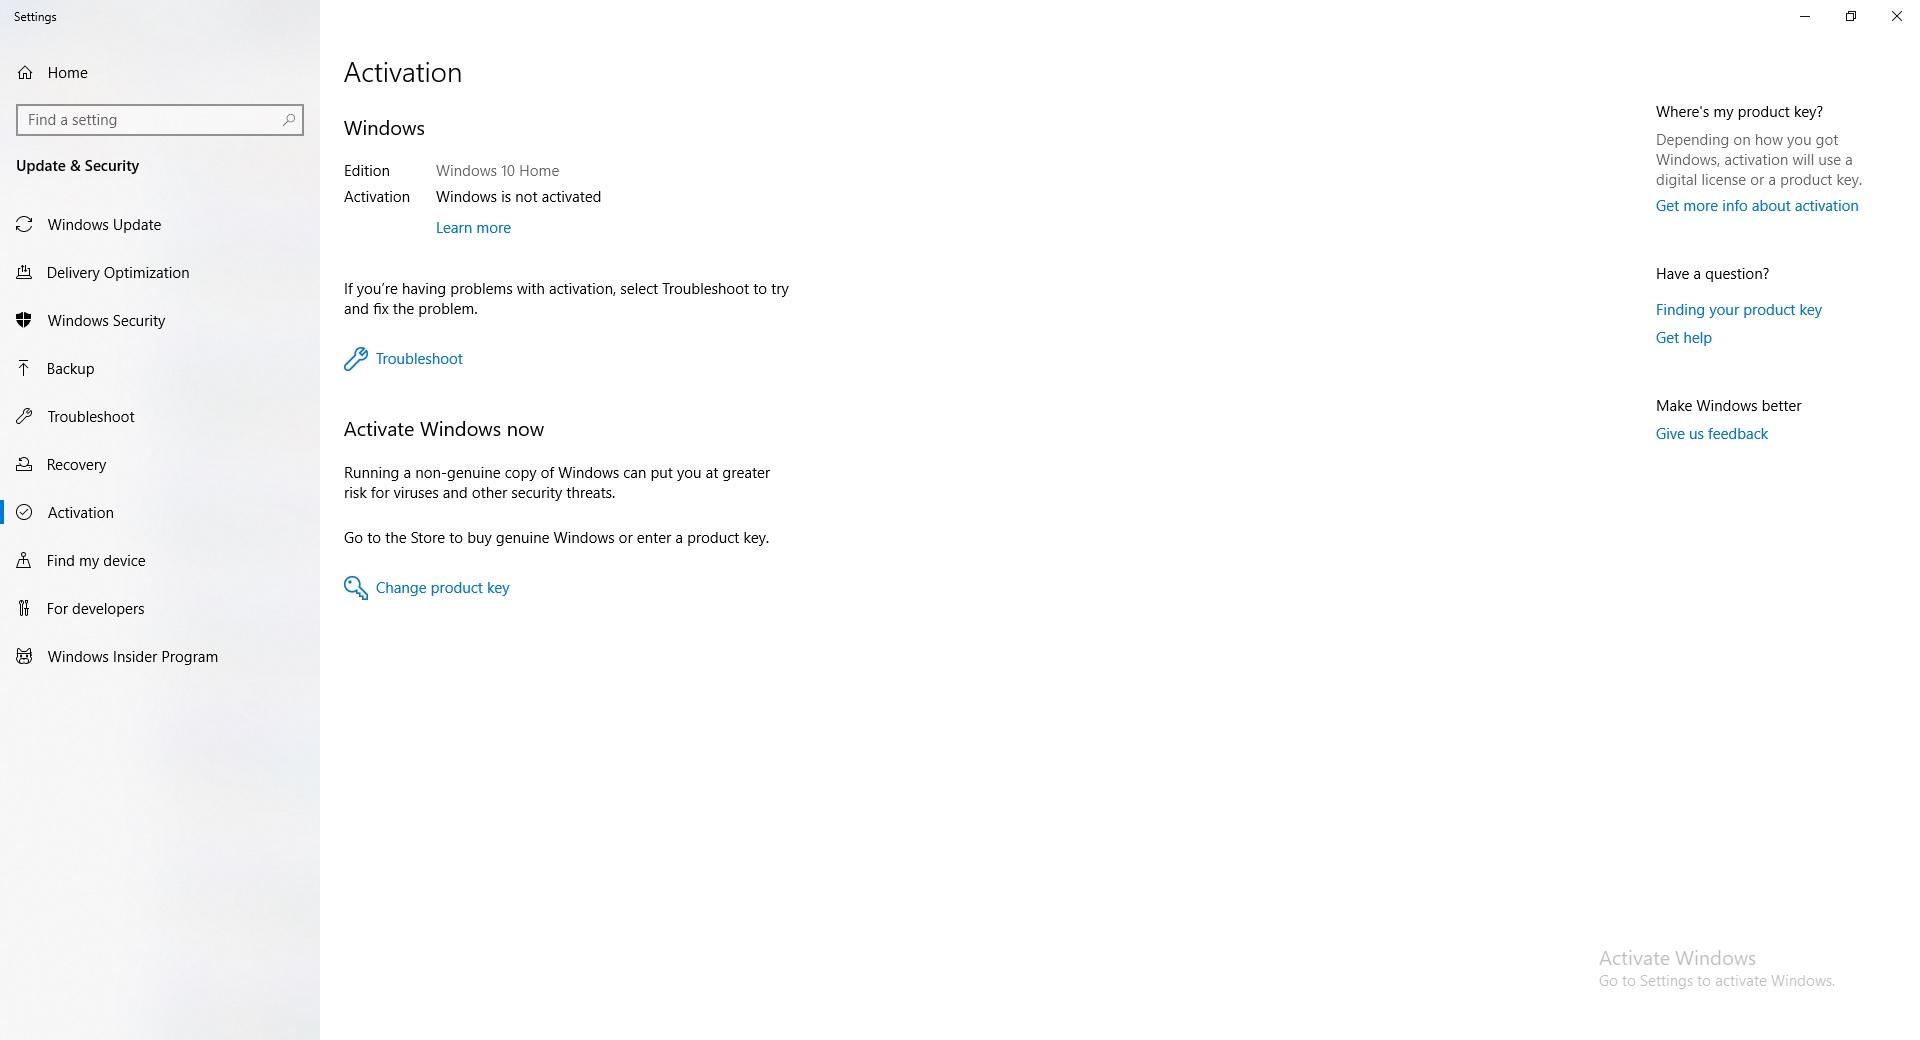 Never-ending Windows Activation 81b20659-221e-4c5a-8bad-7043efe78299?upload=true.jpg